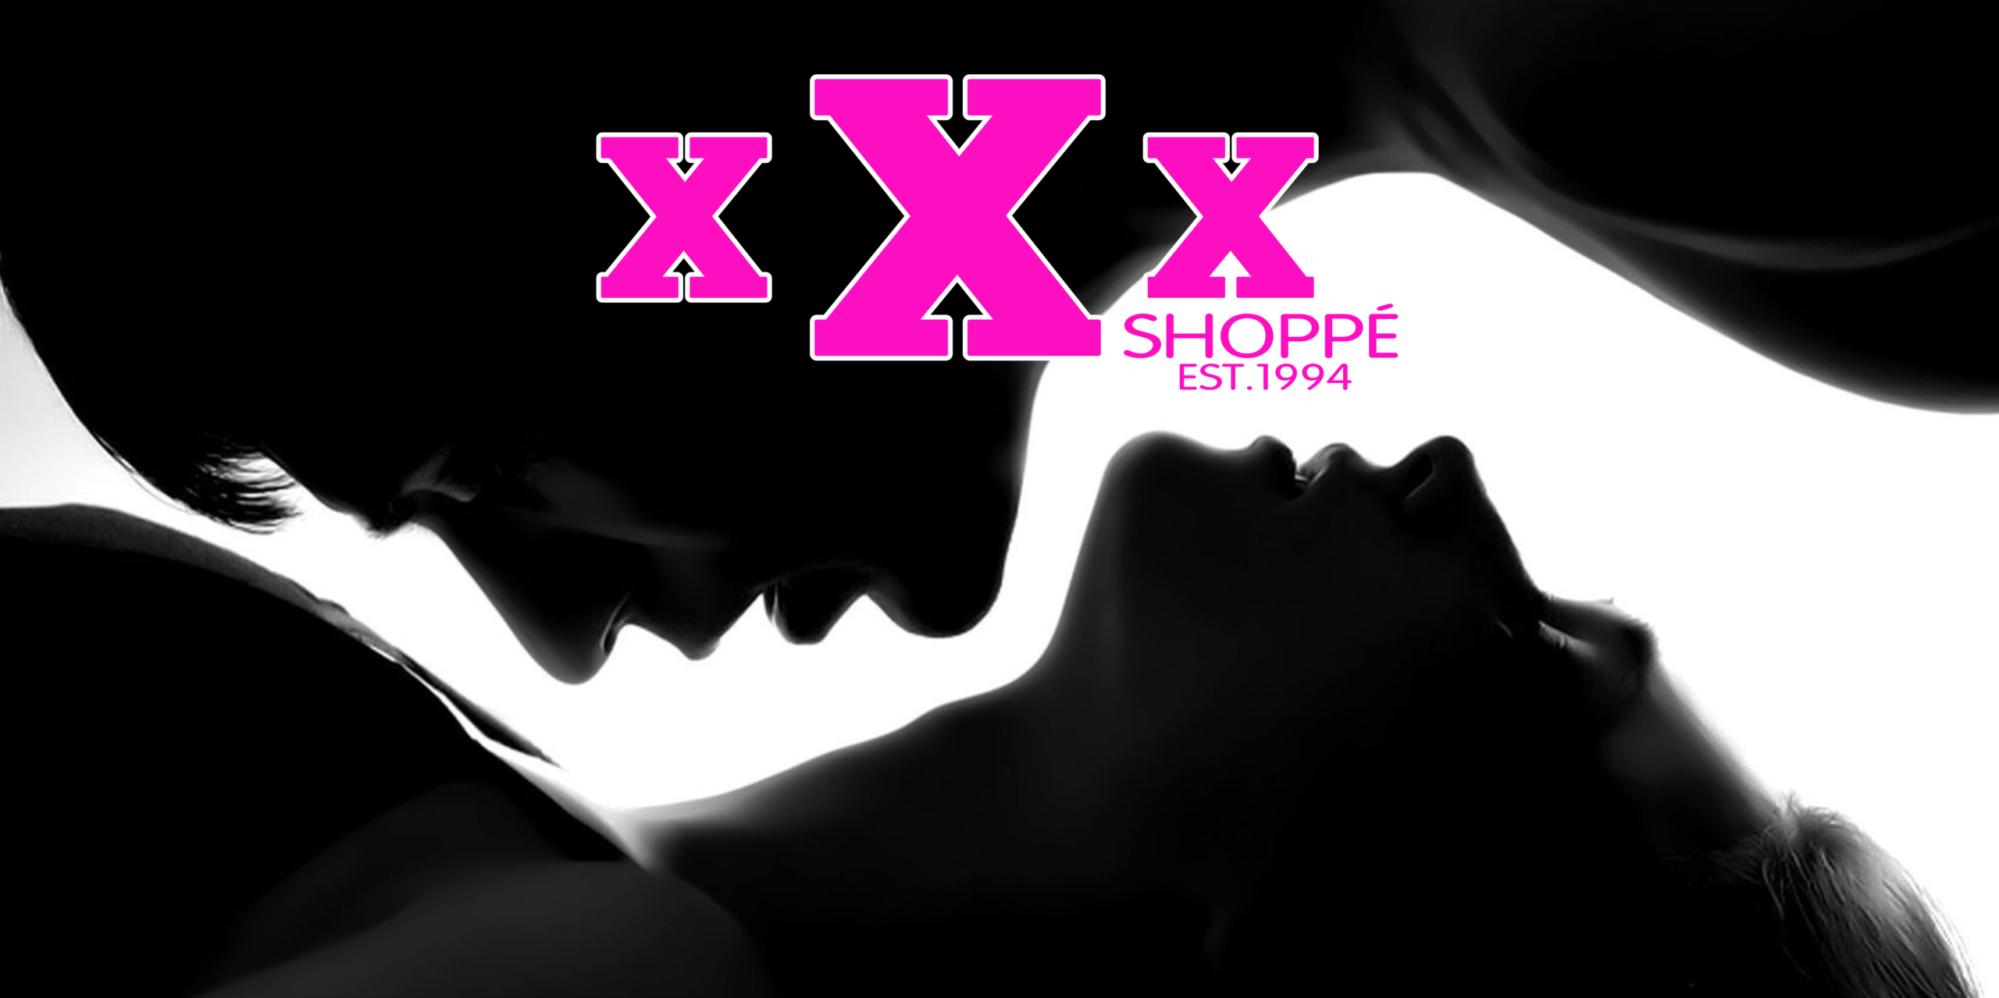 XXX Shoppé